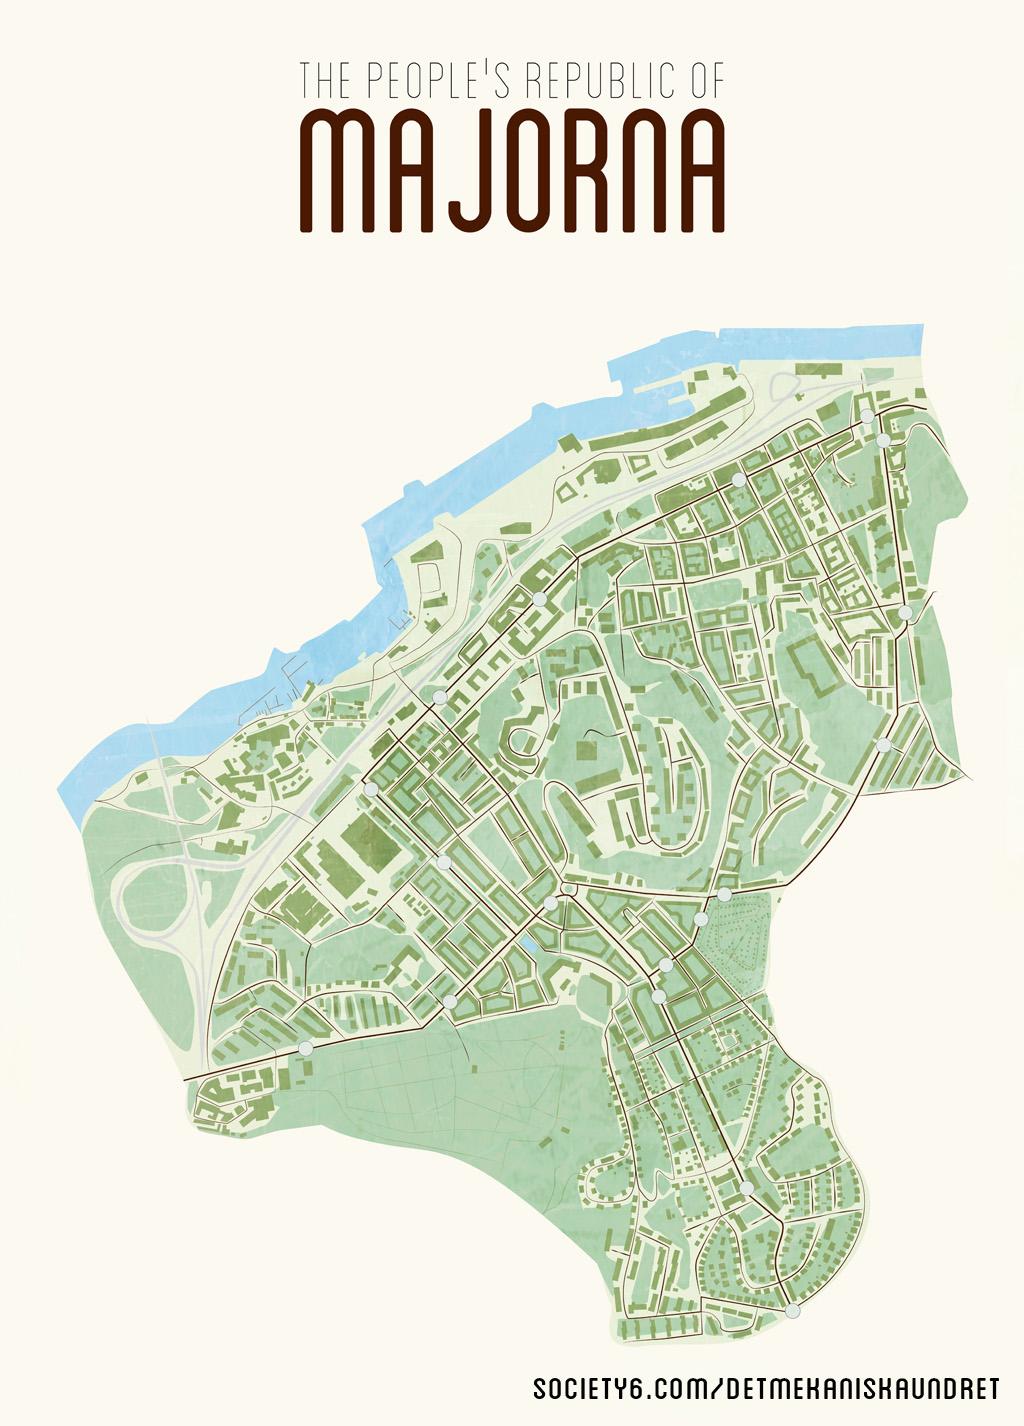 karta majorna göteborg Det mekaniska undret: The people's republic of Majorna karta majorna göteborg